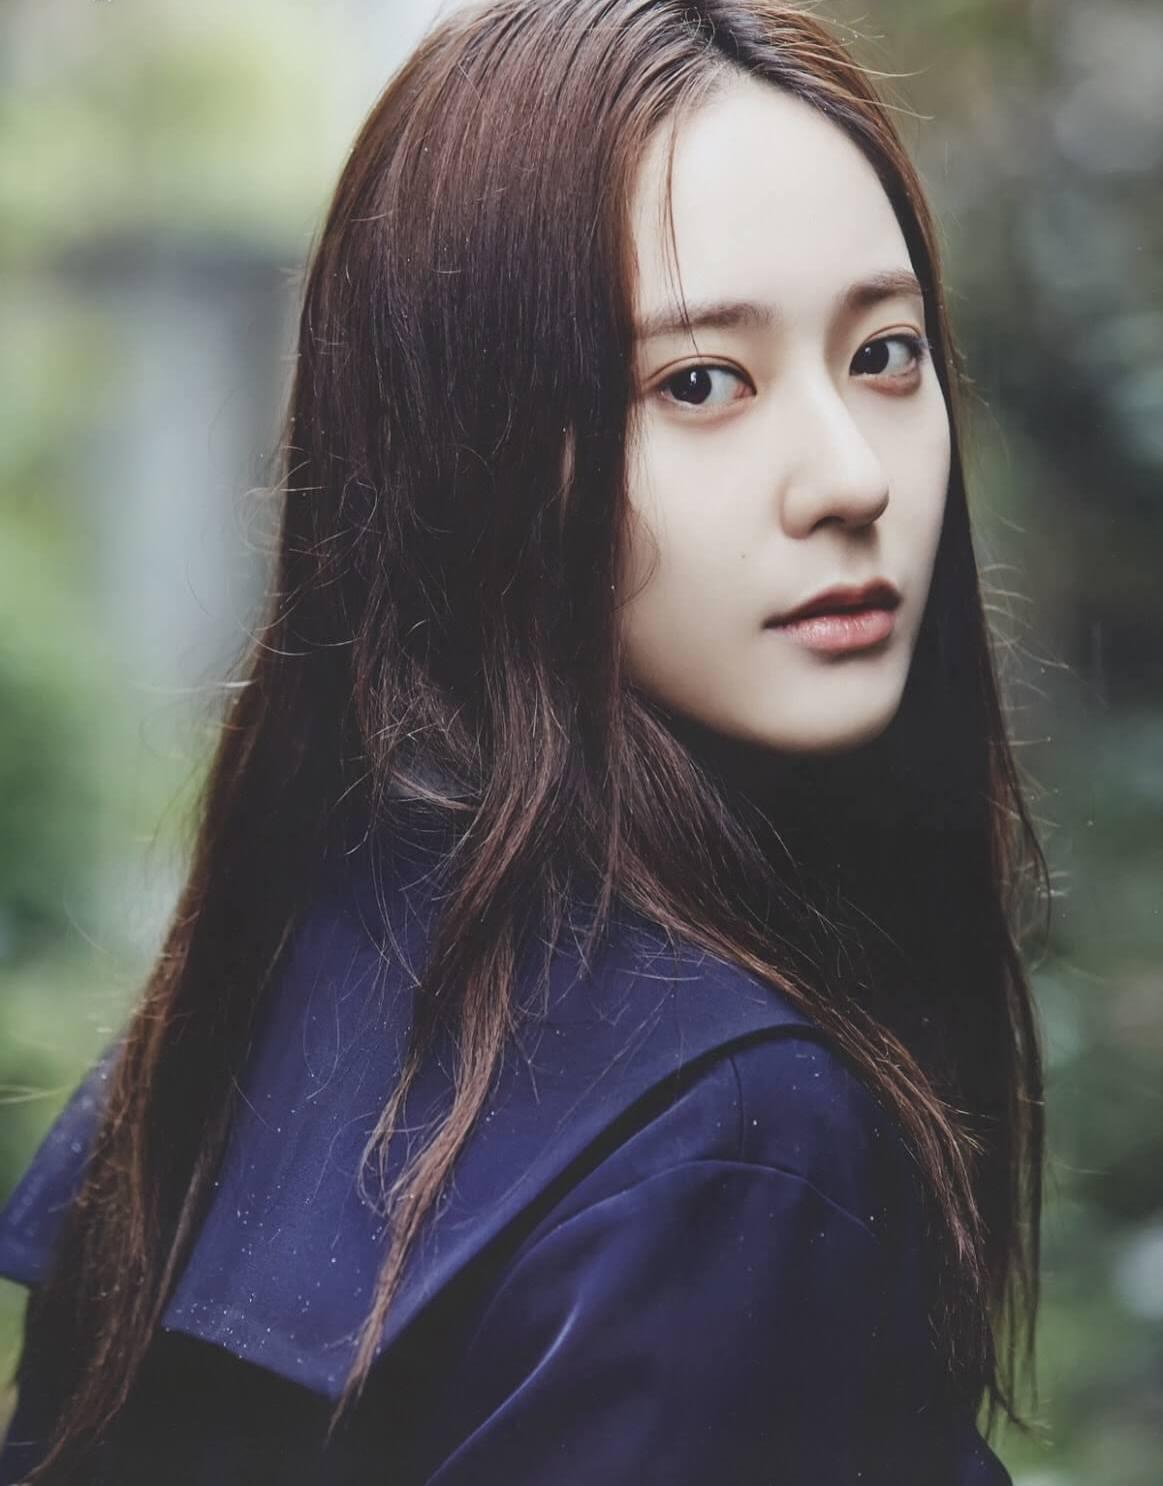 Krystal sẽ góp mặt trong phim của Lee Min Ho - Ảnh 1